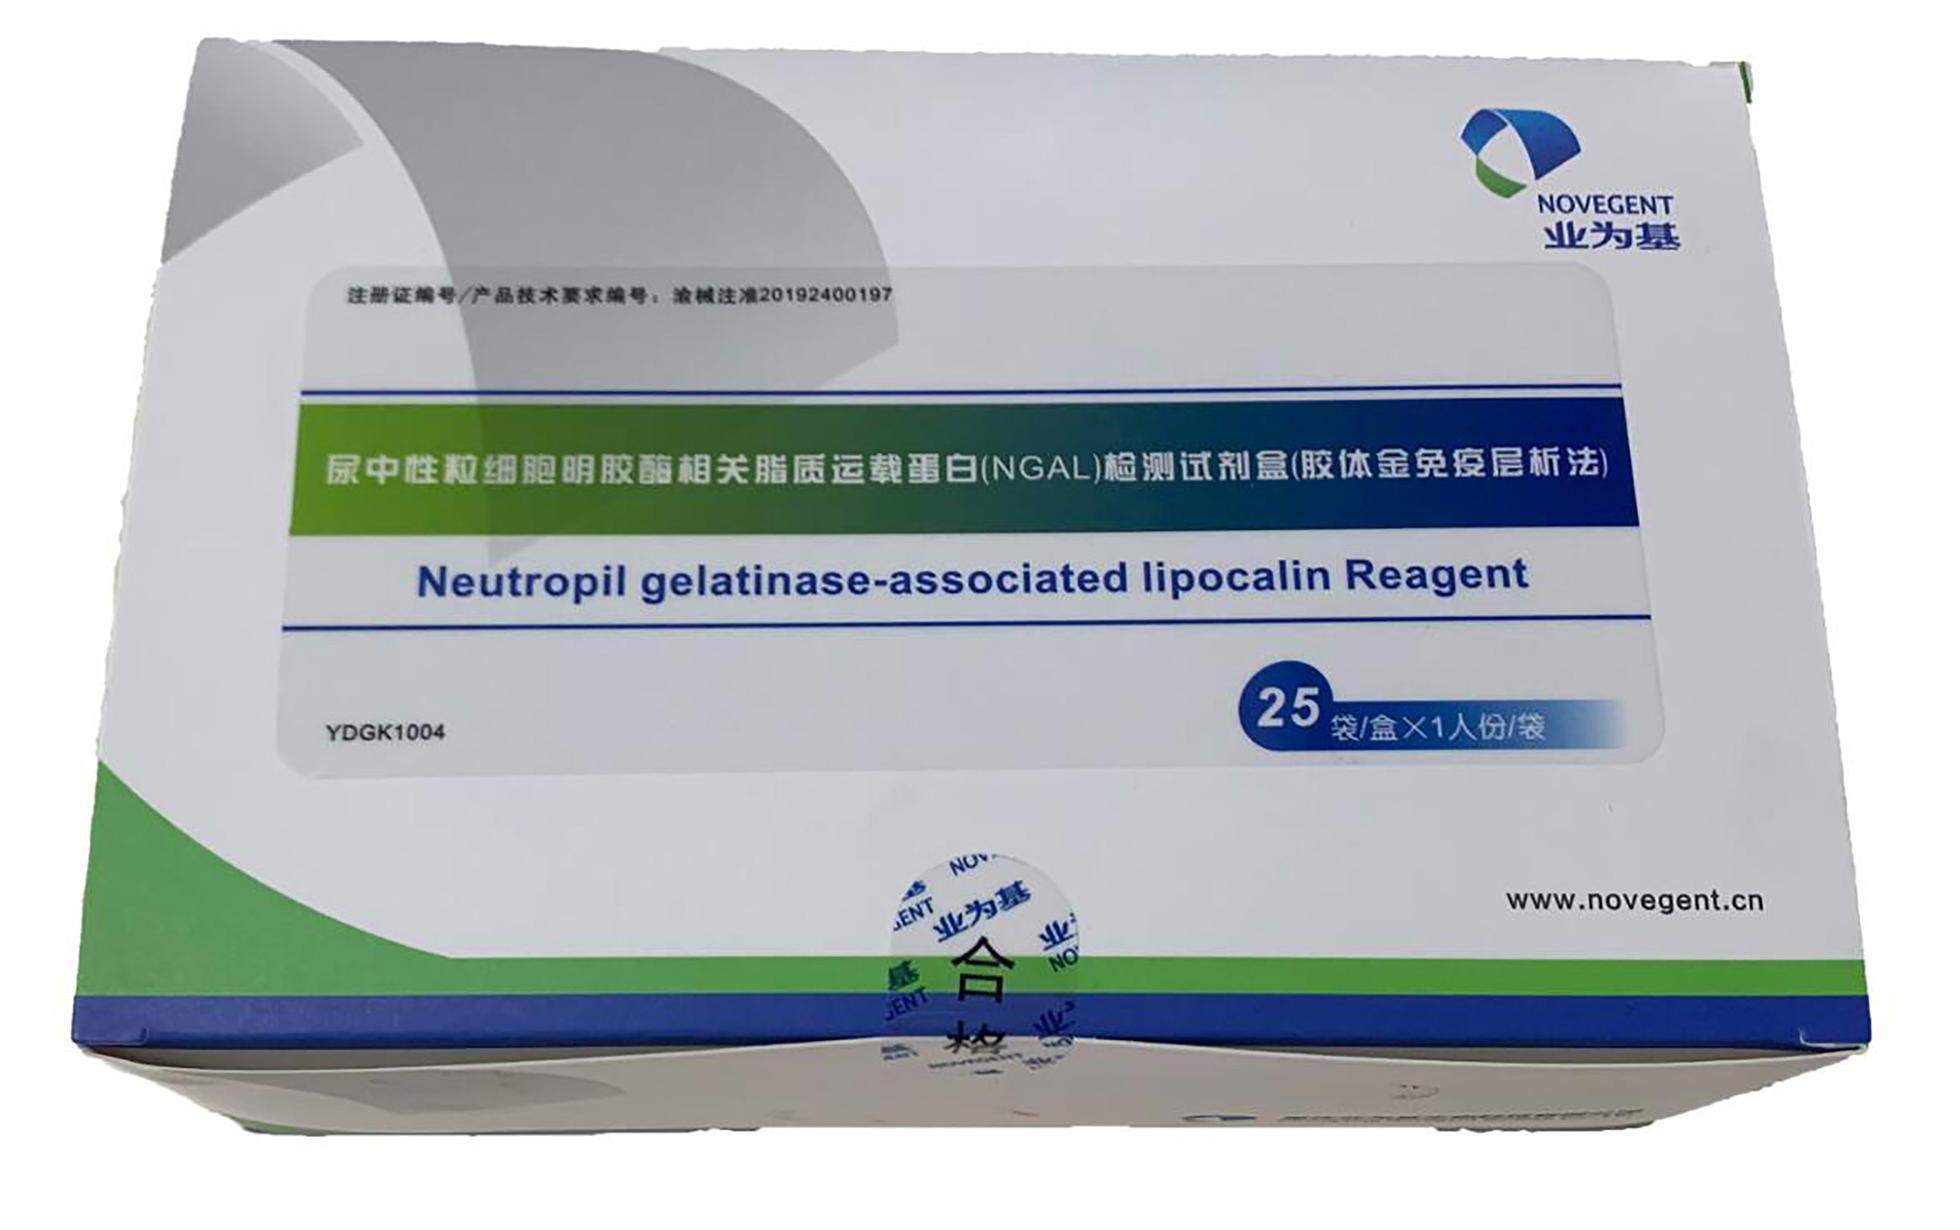 尿中性粒细胞明胶酶相关脂质运载蛋白(NGAL)检测试剂盒